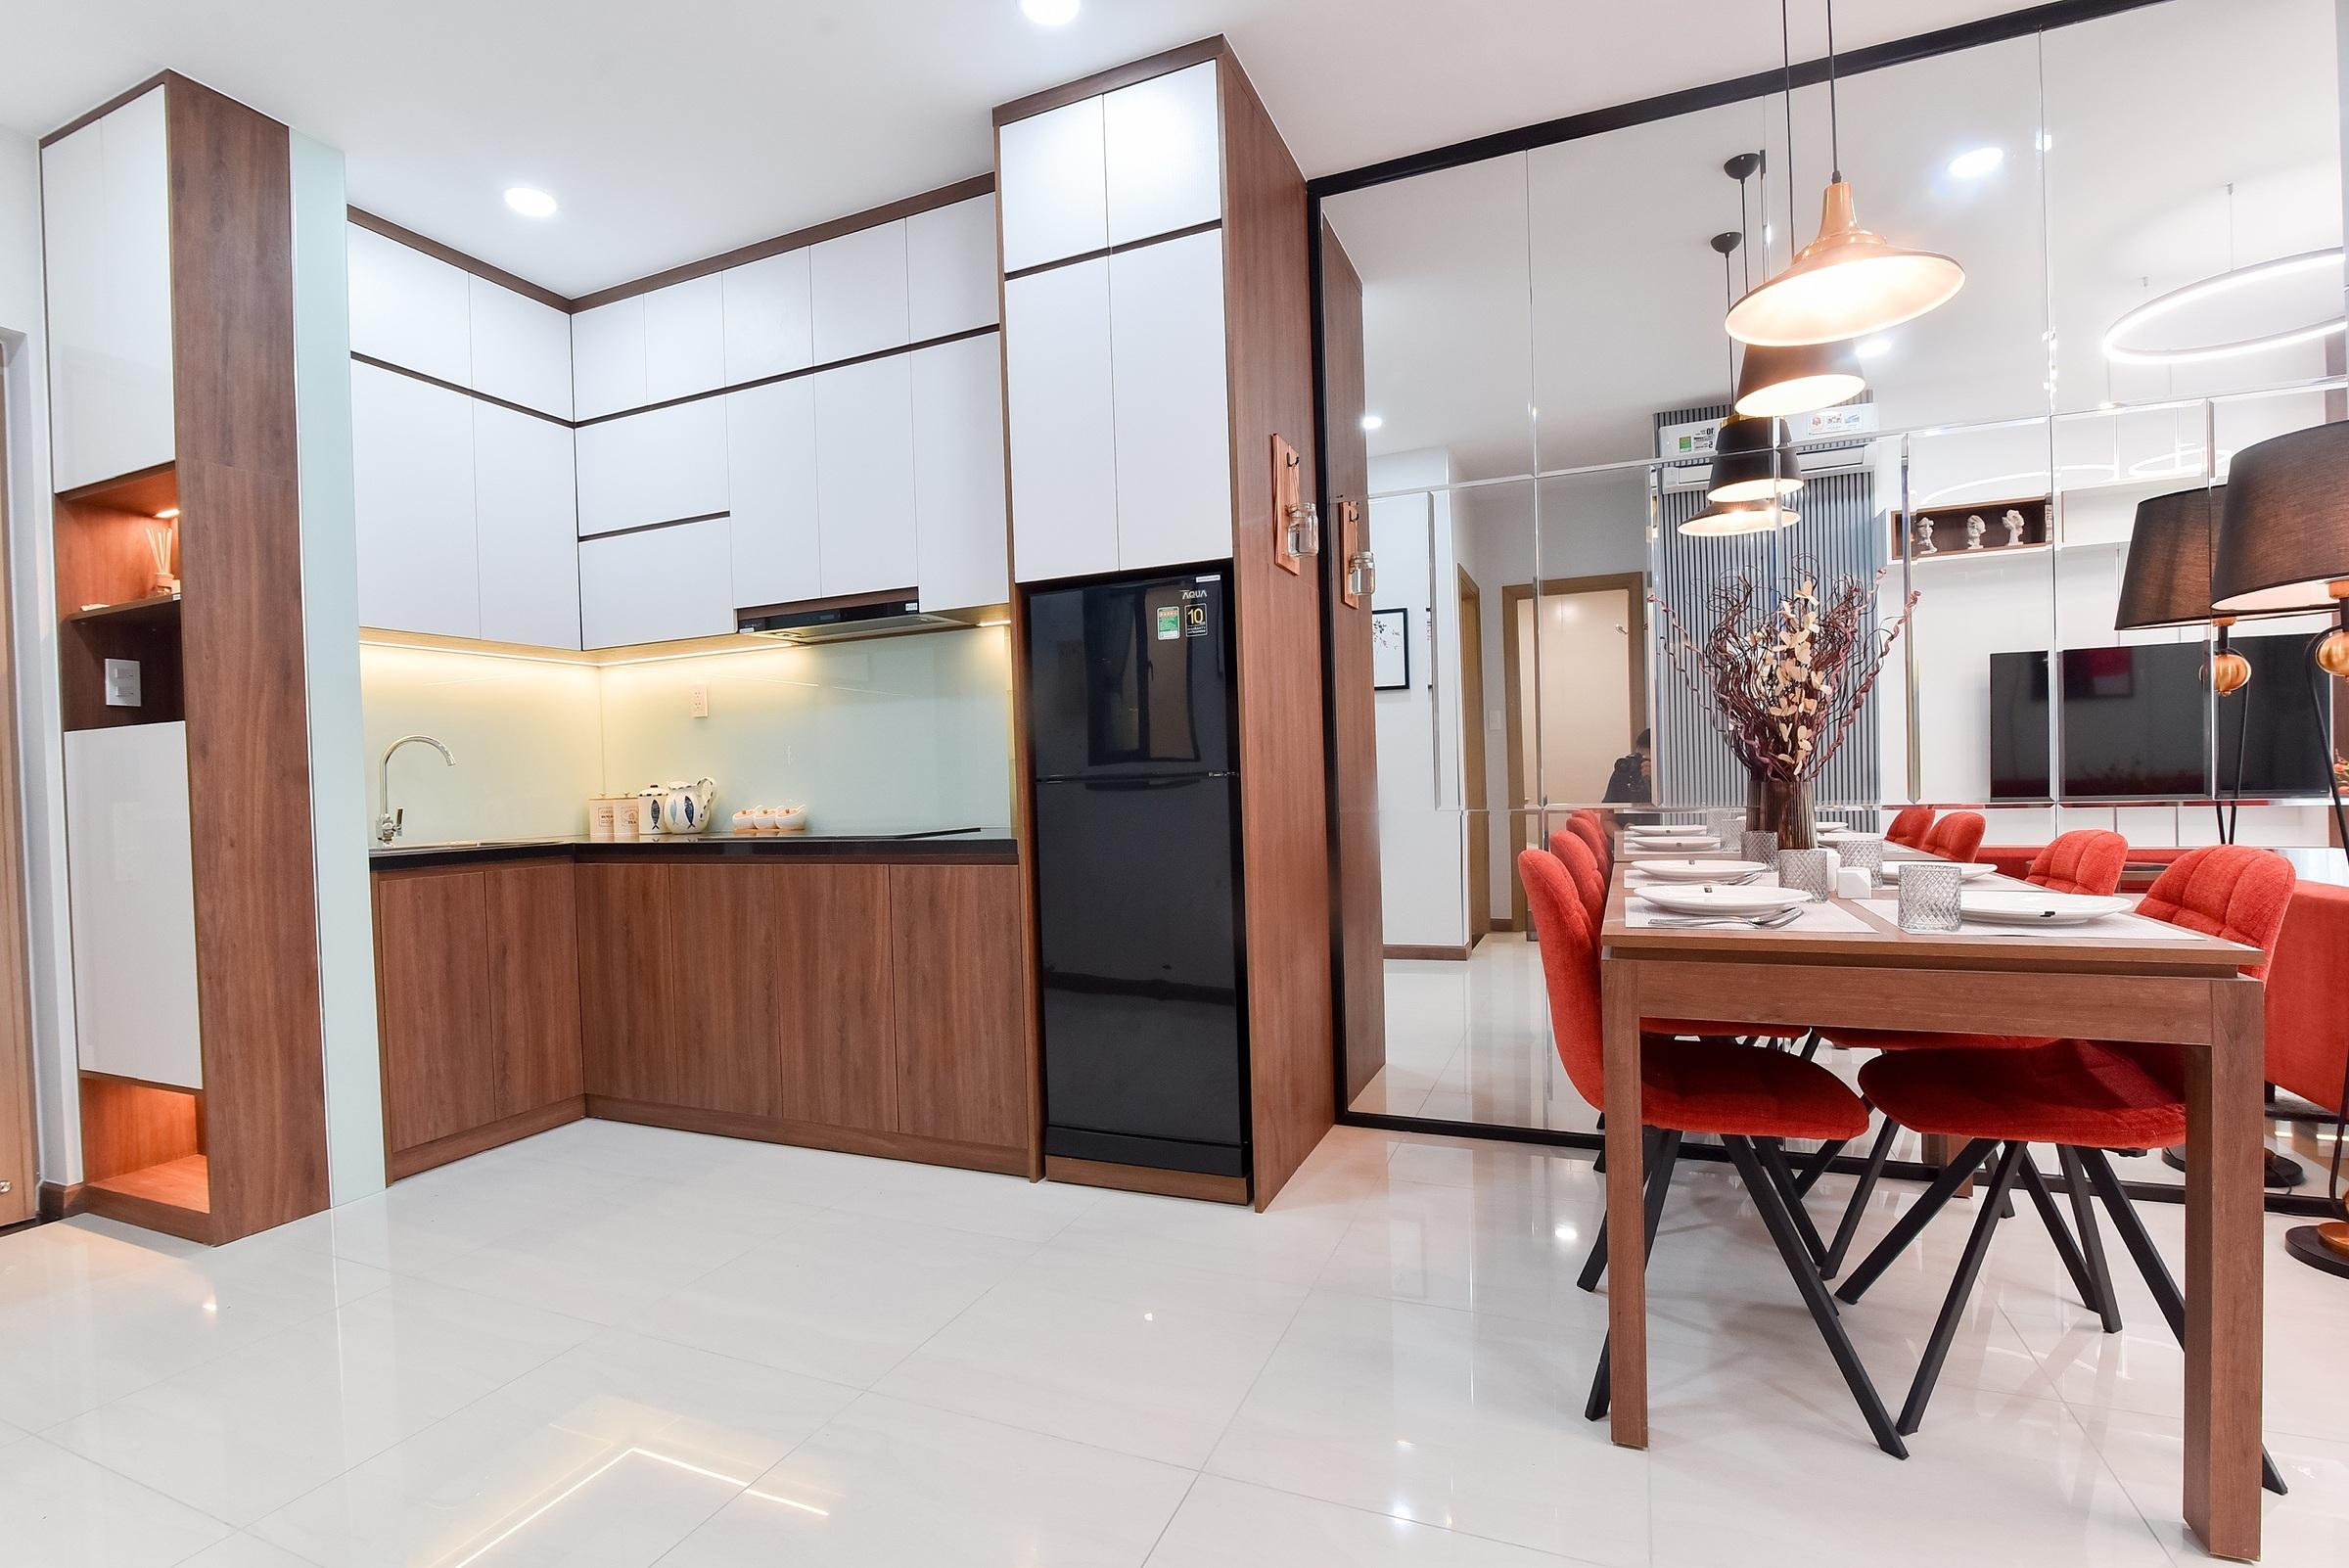 Tủ bếp hoàn thiện bằng vật liệu cao cấp của thương hiệu uy tín. Ngay tại khu bếp còn lắp hệ thống nước uống tại vòi.